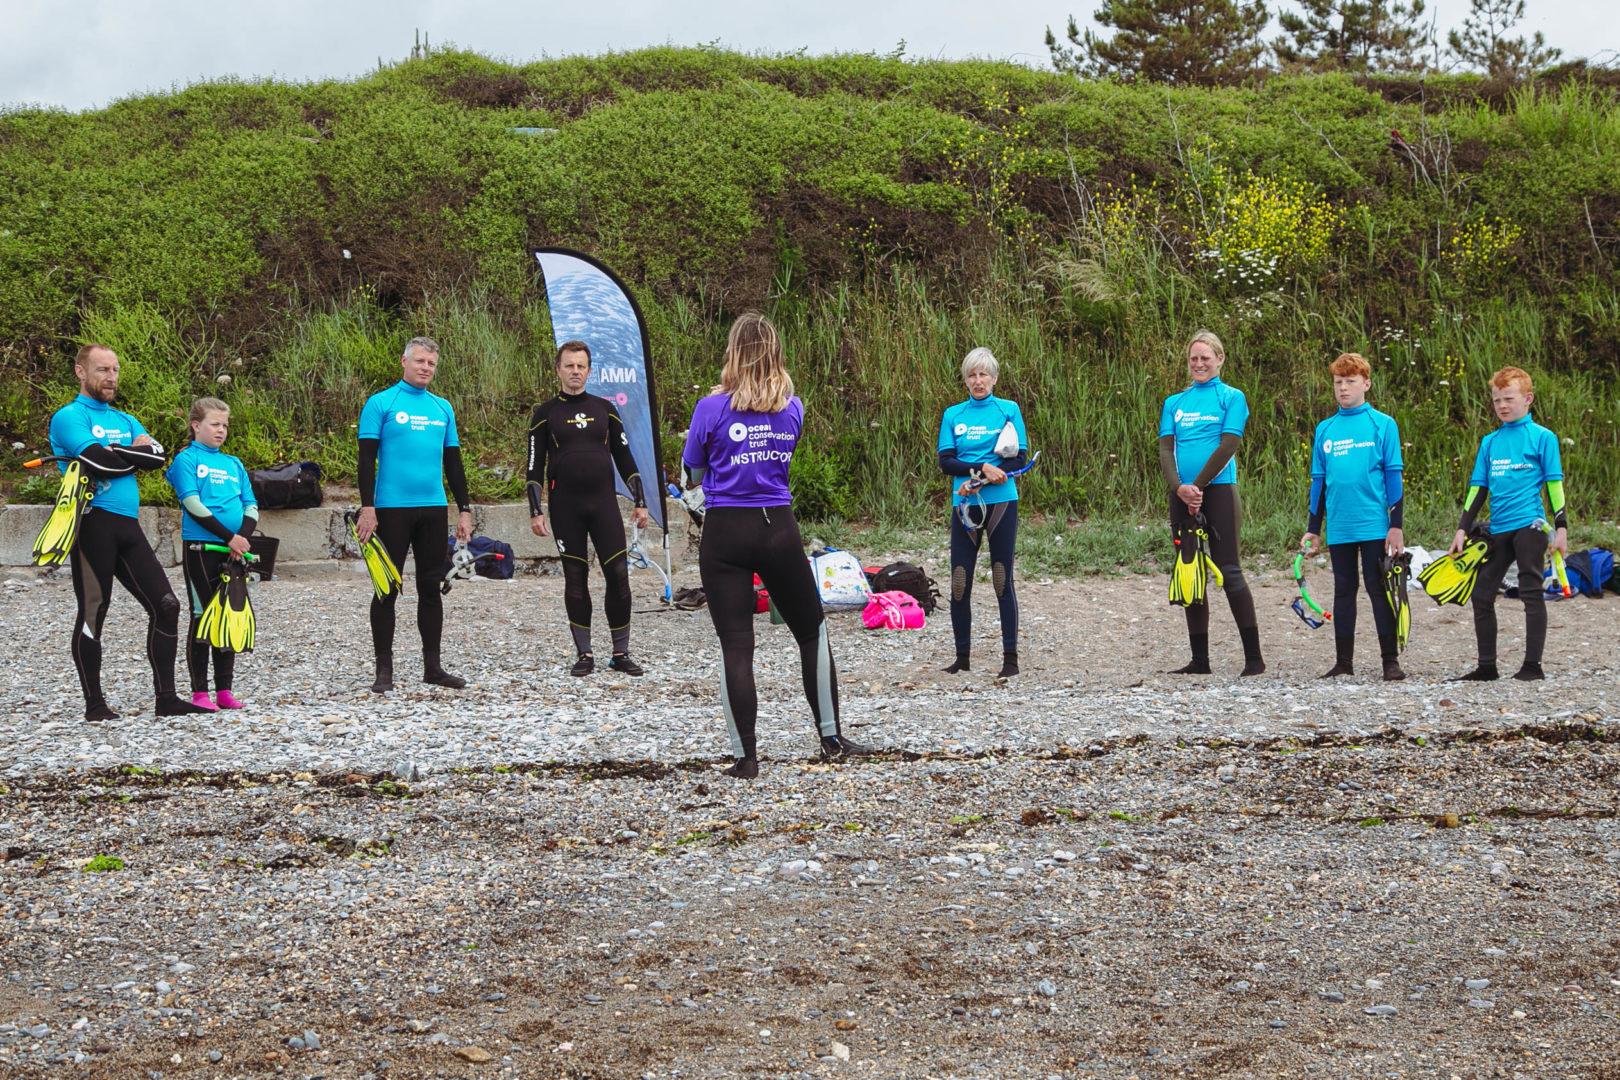 snorkel safari on mount batten beach